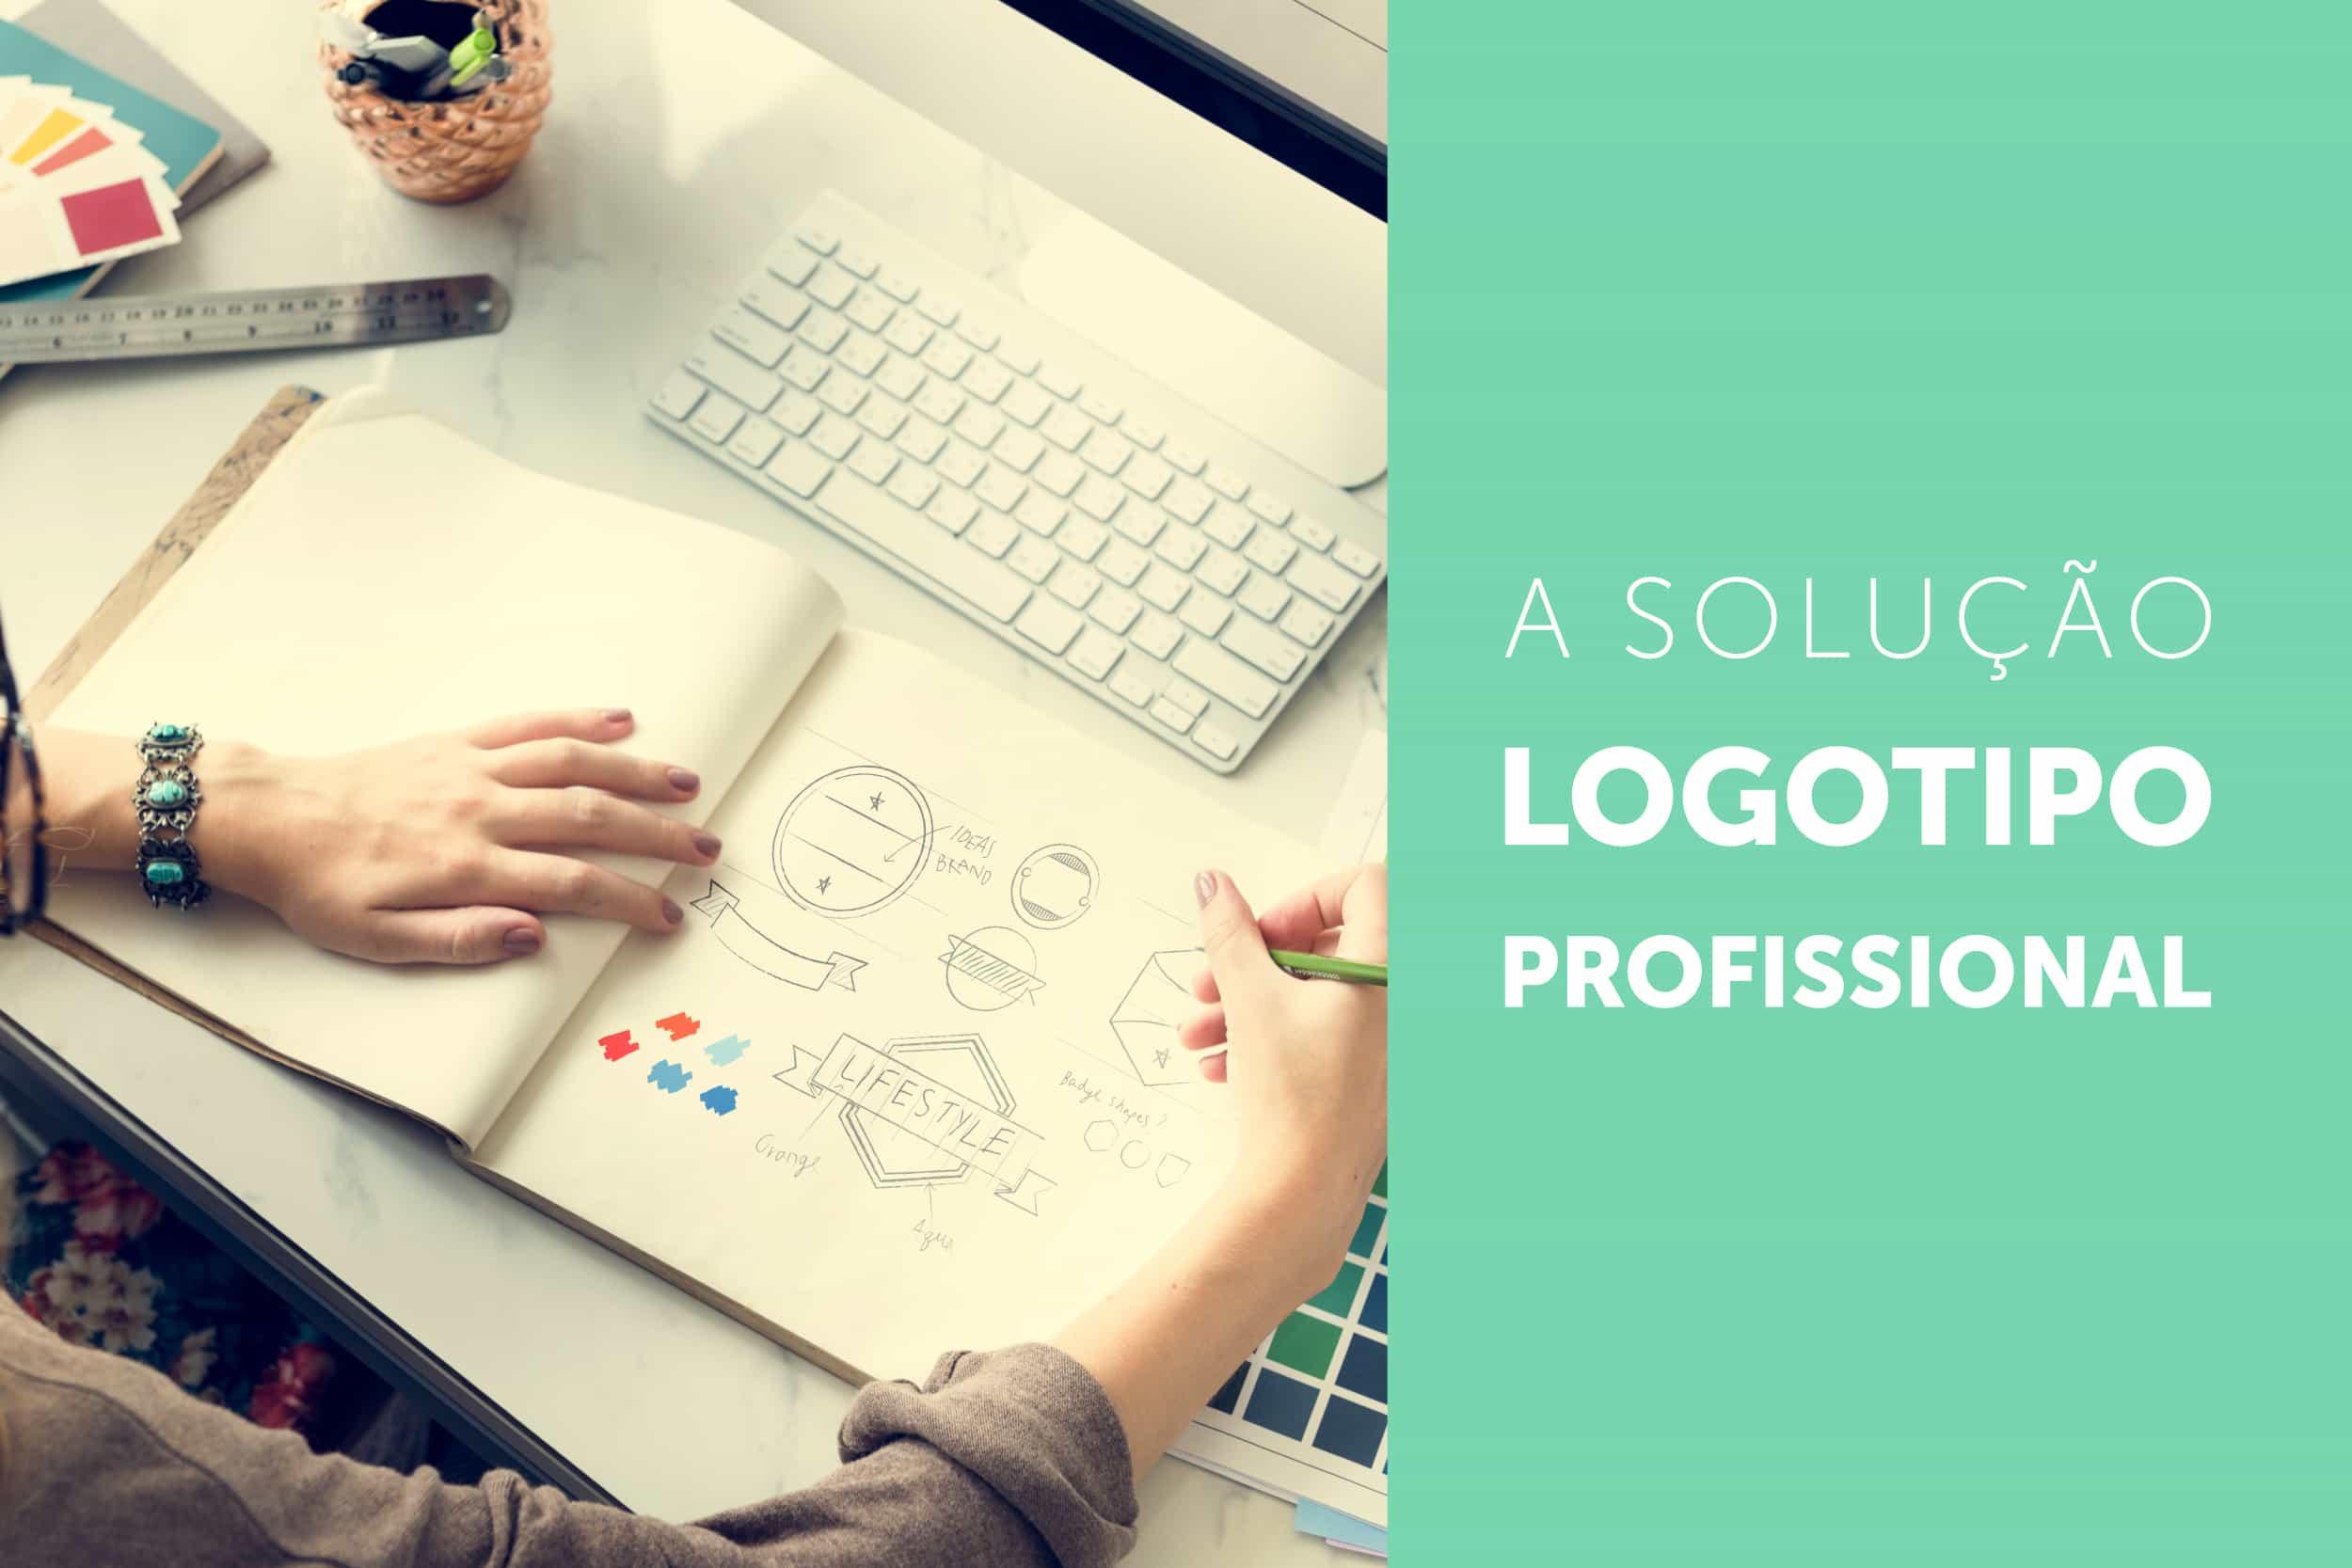 A solução para logotipos é a criação profissional por designers